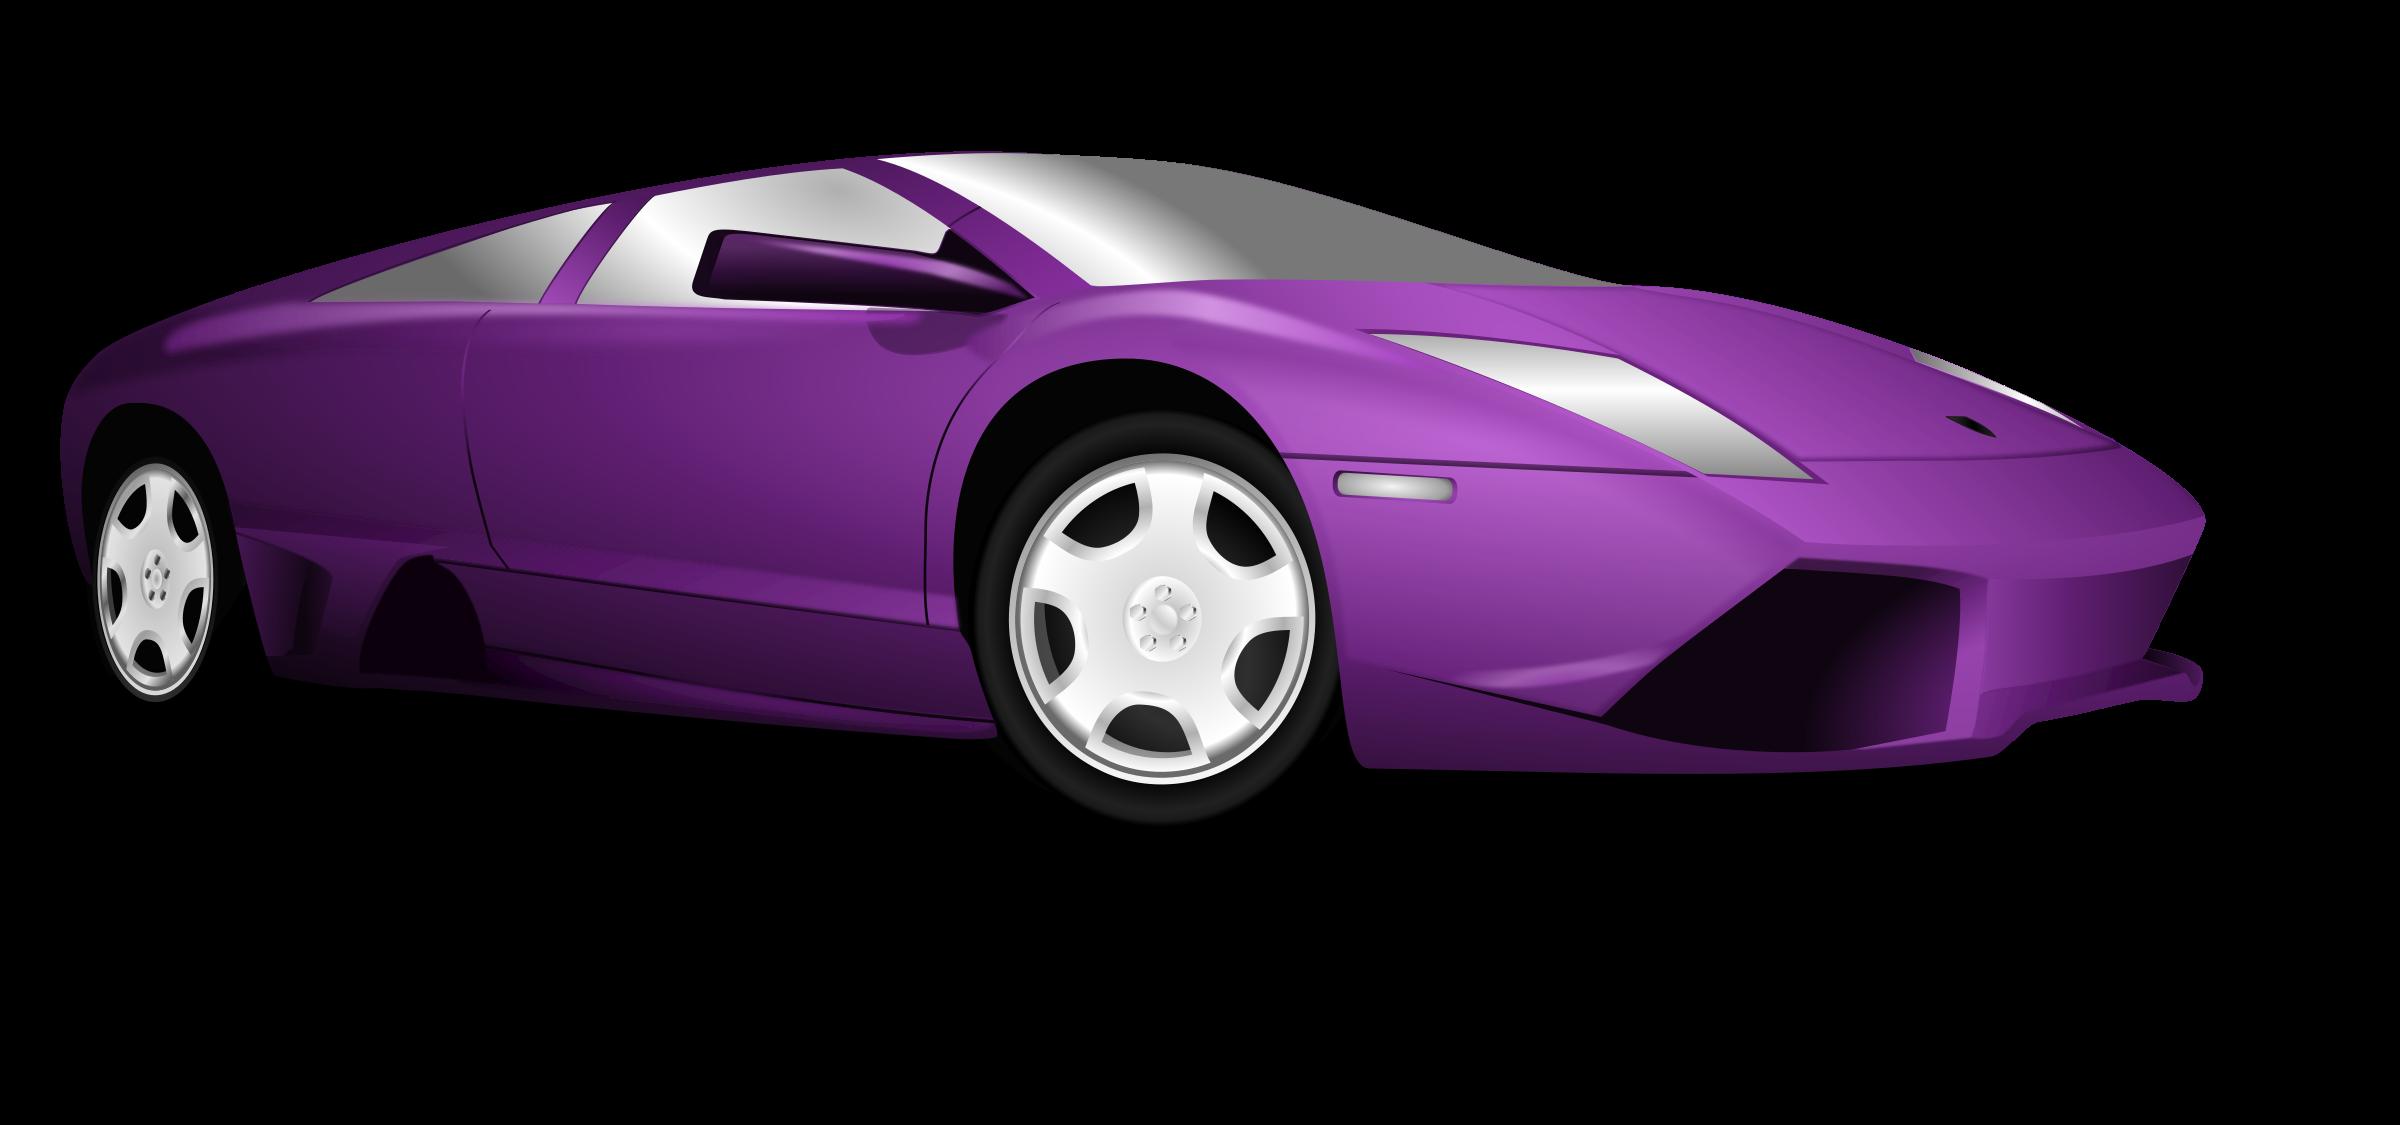 Automobilis big image png. Clipart car sport